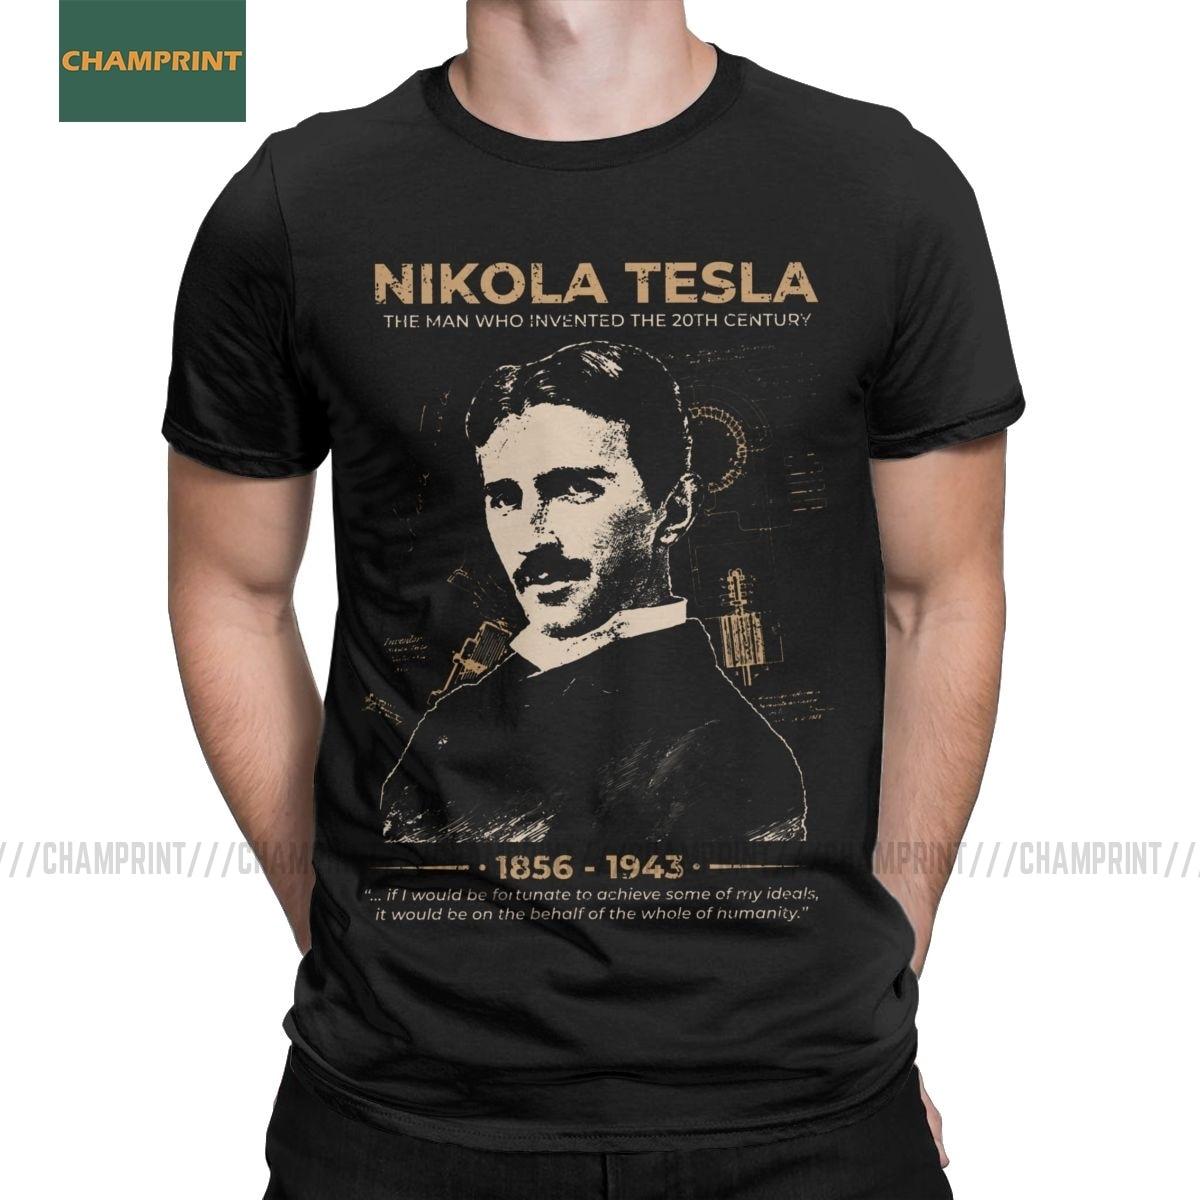 Nikola Tesla Для мужчин футболки учеными при условии изобретатель физика научные футболки короткий рукав футболки 100% хлопковые вечерние топы